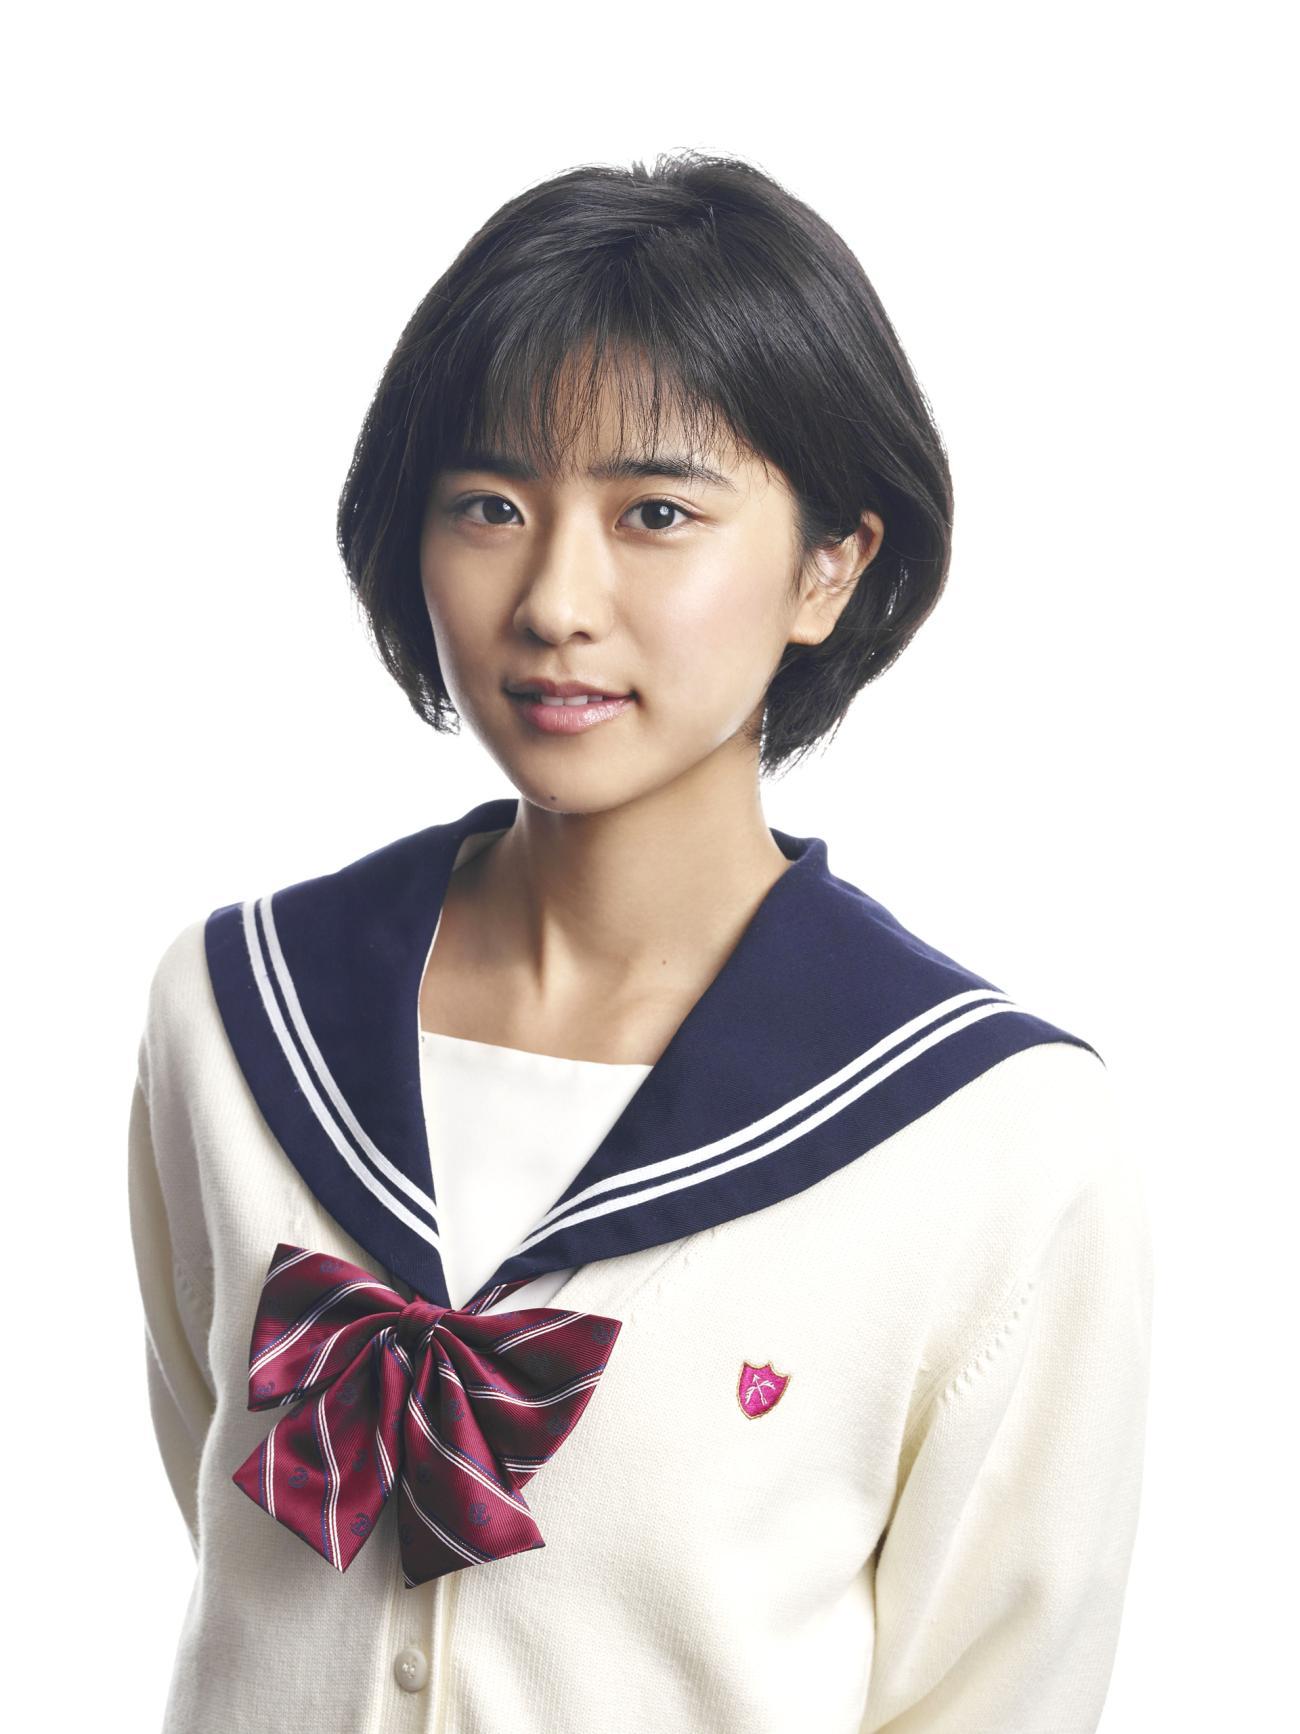 ジャニーズWEST小瀧が映画初主演、共演黒島結菜